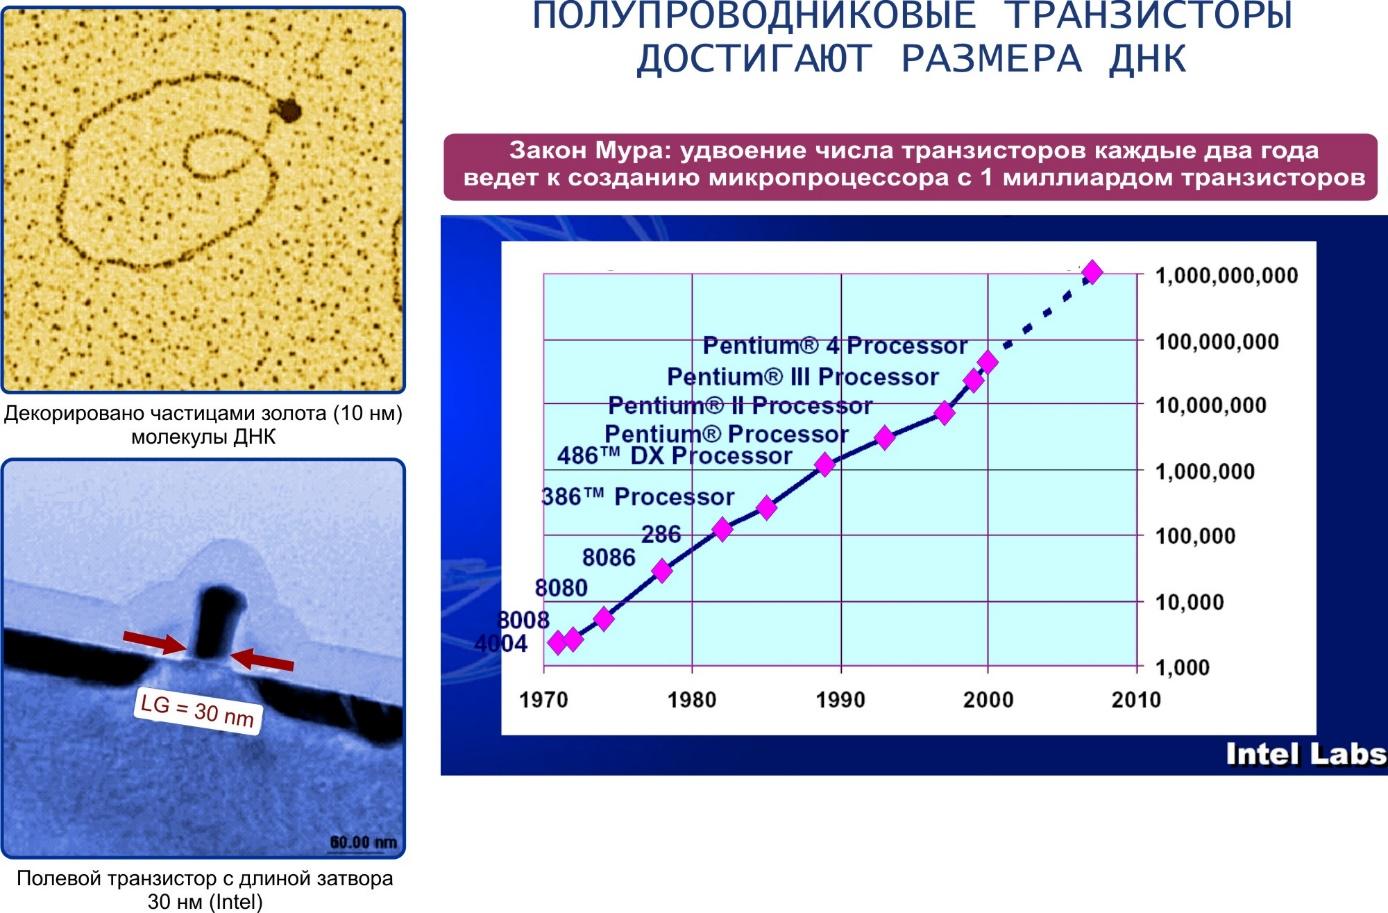 Полевой транзистор на основе углеродной нанотрубки диаметром 16 нм